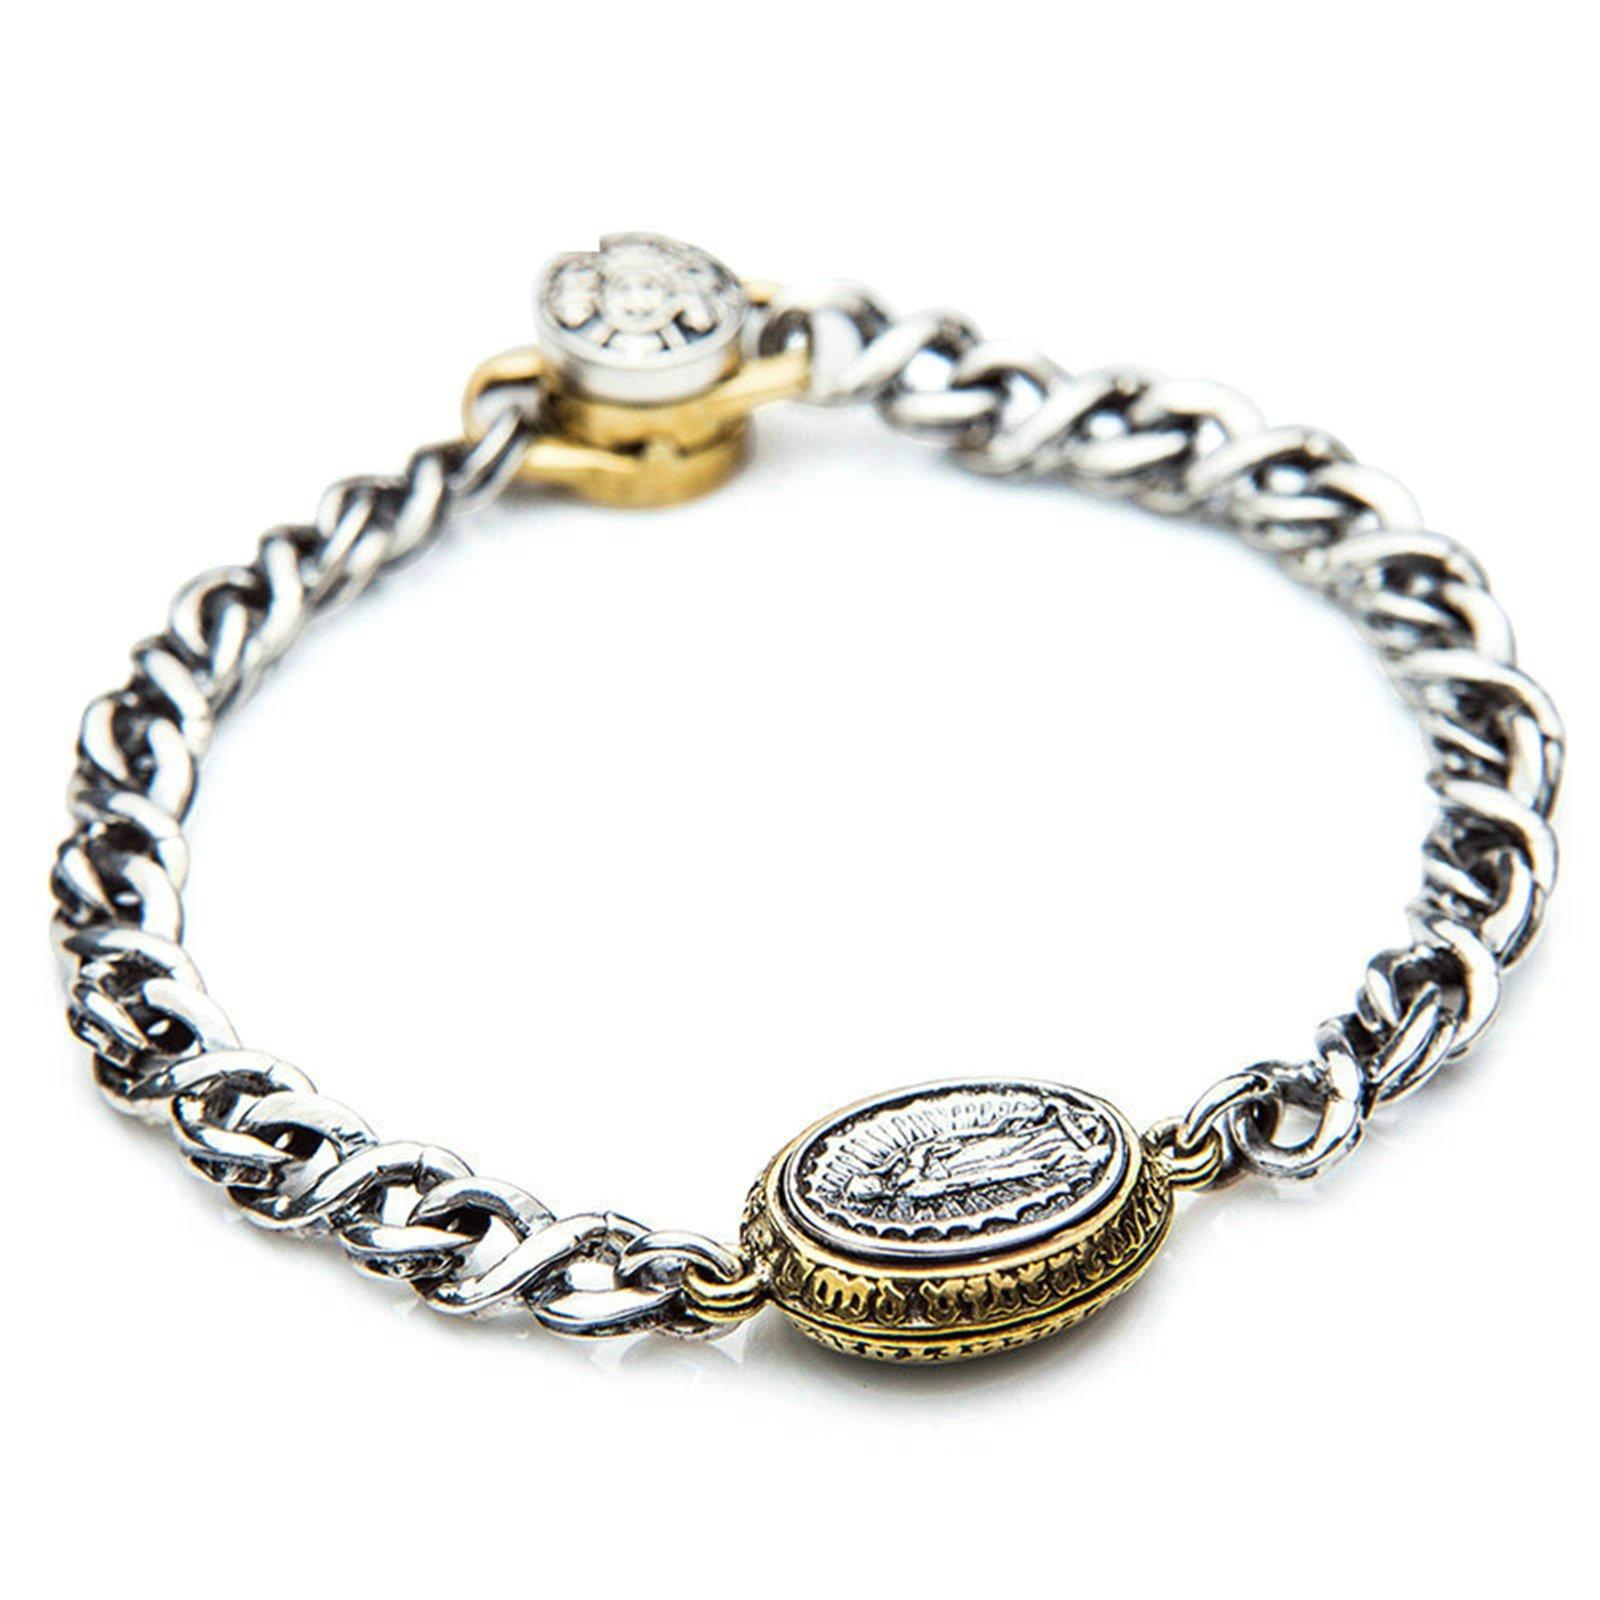 Daesar 925 Silver Bracelet For Men Engraved Oval Bracelet Silver Chain Length:17CM